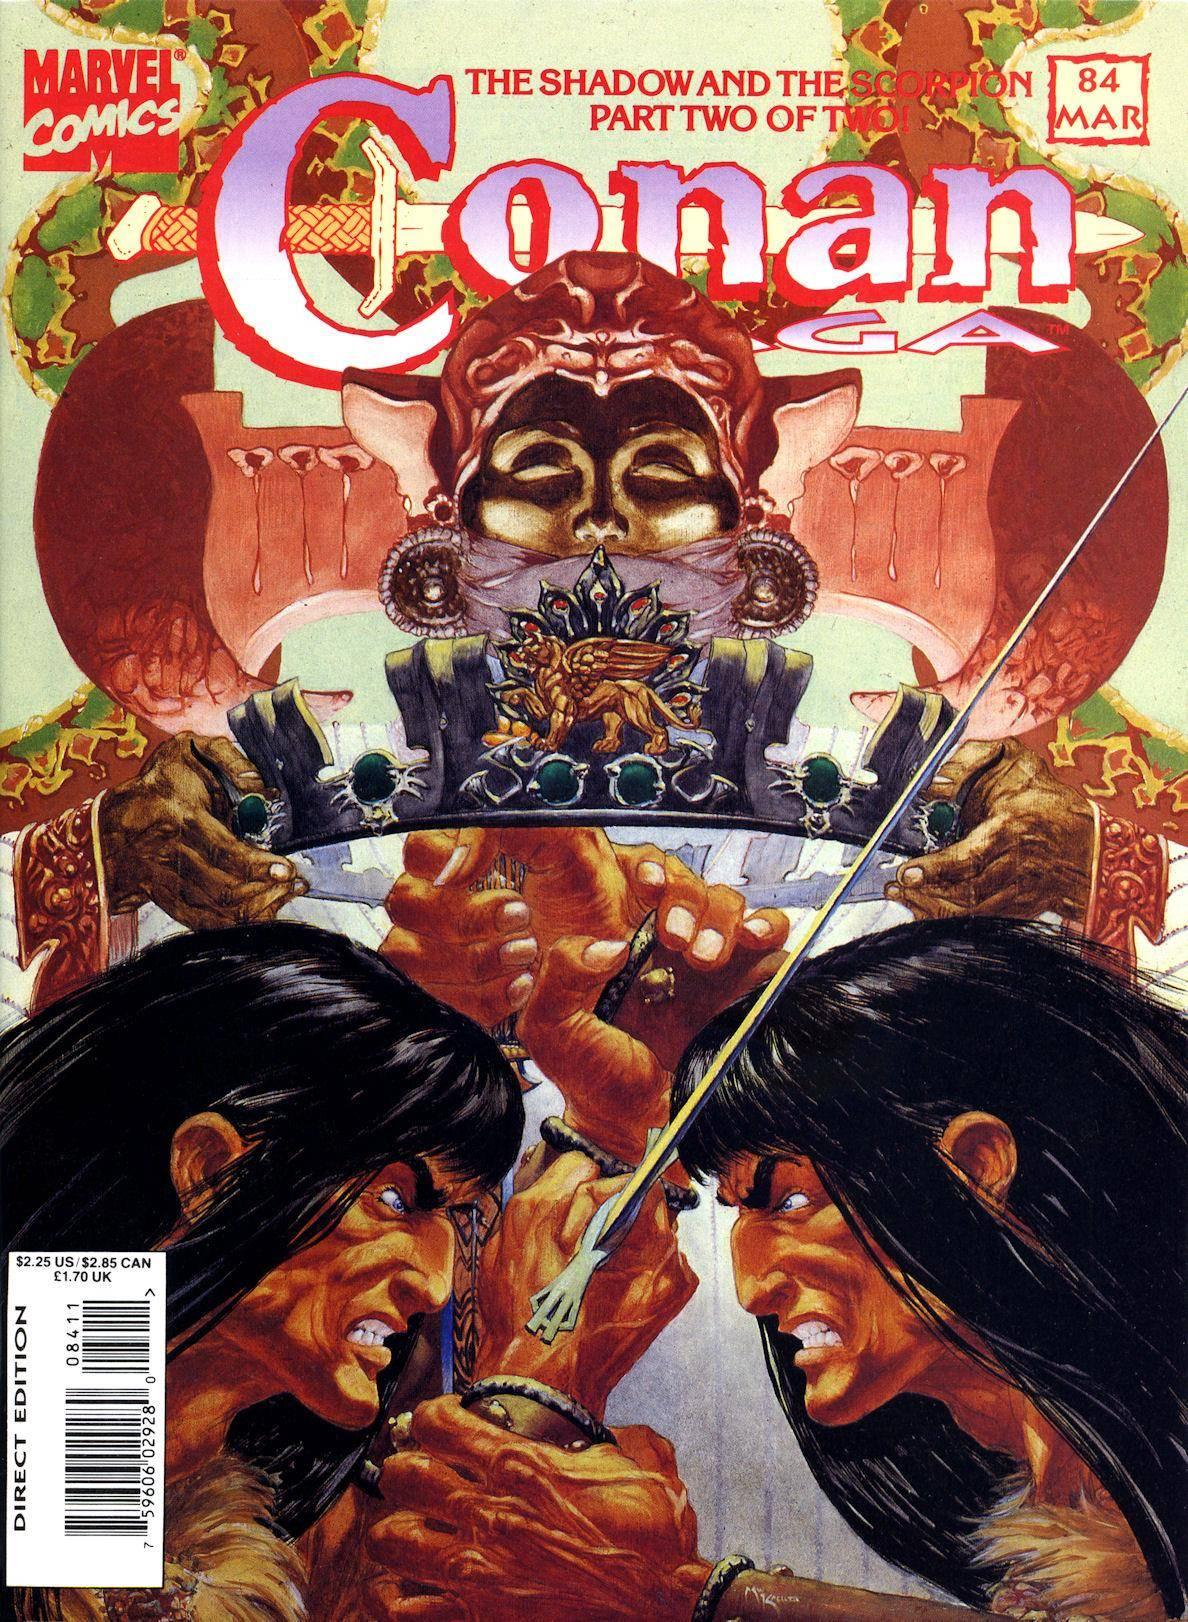 Conan Saga Vol 1 084 1994